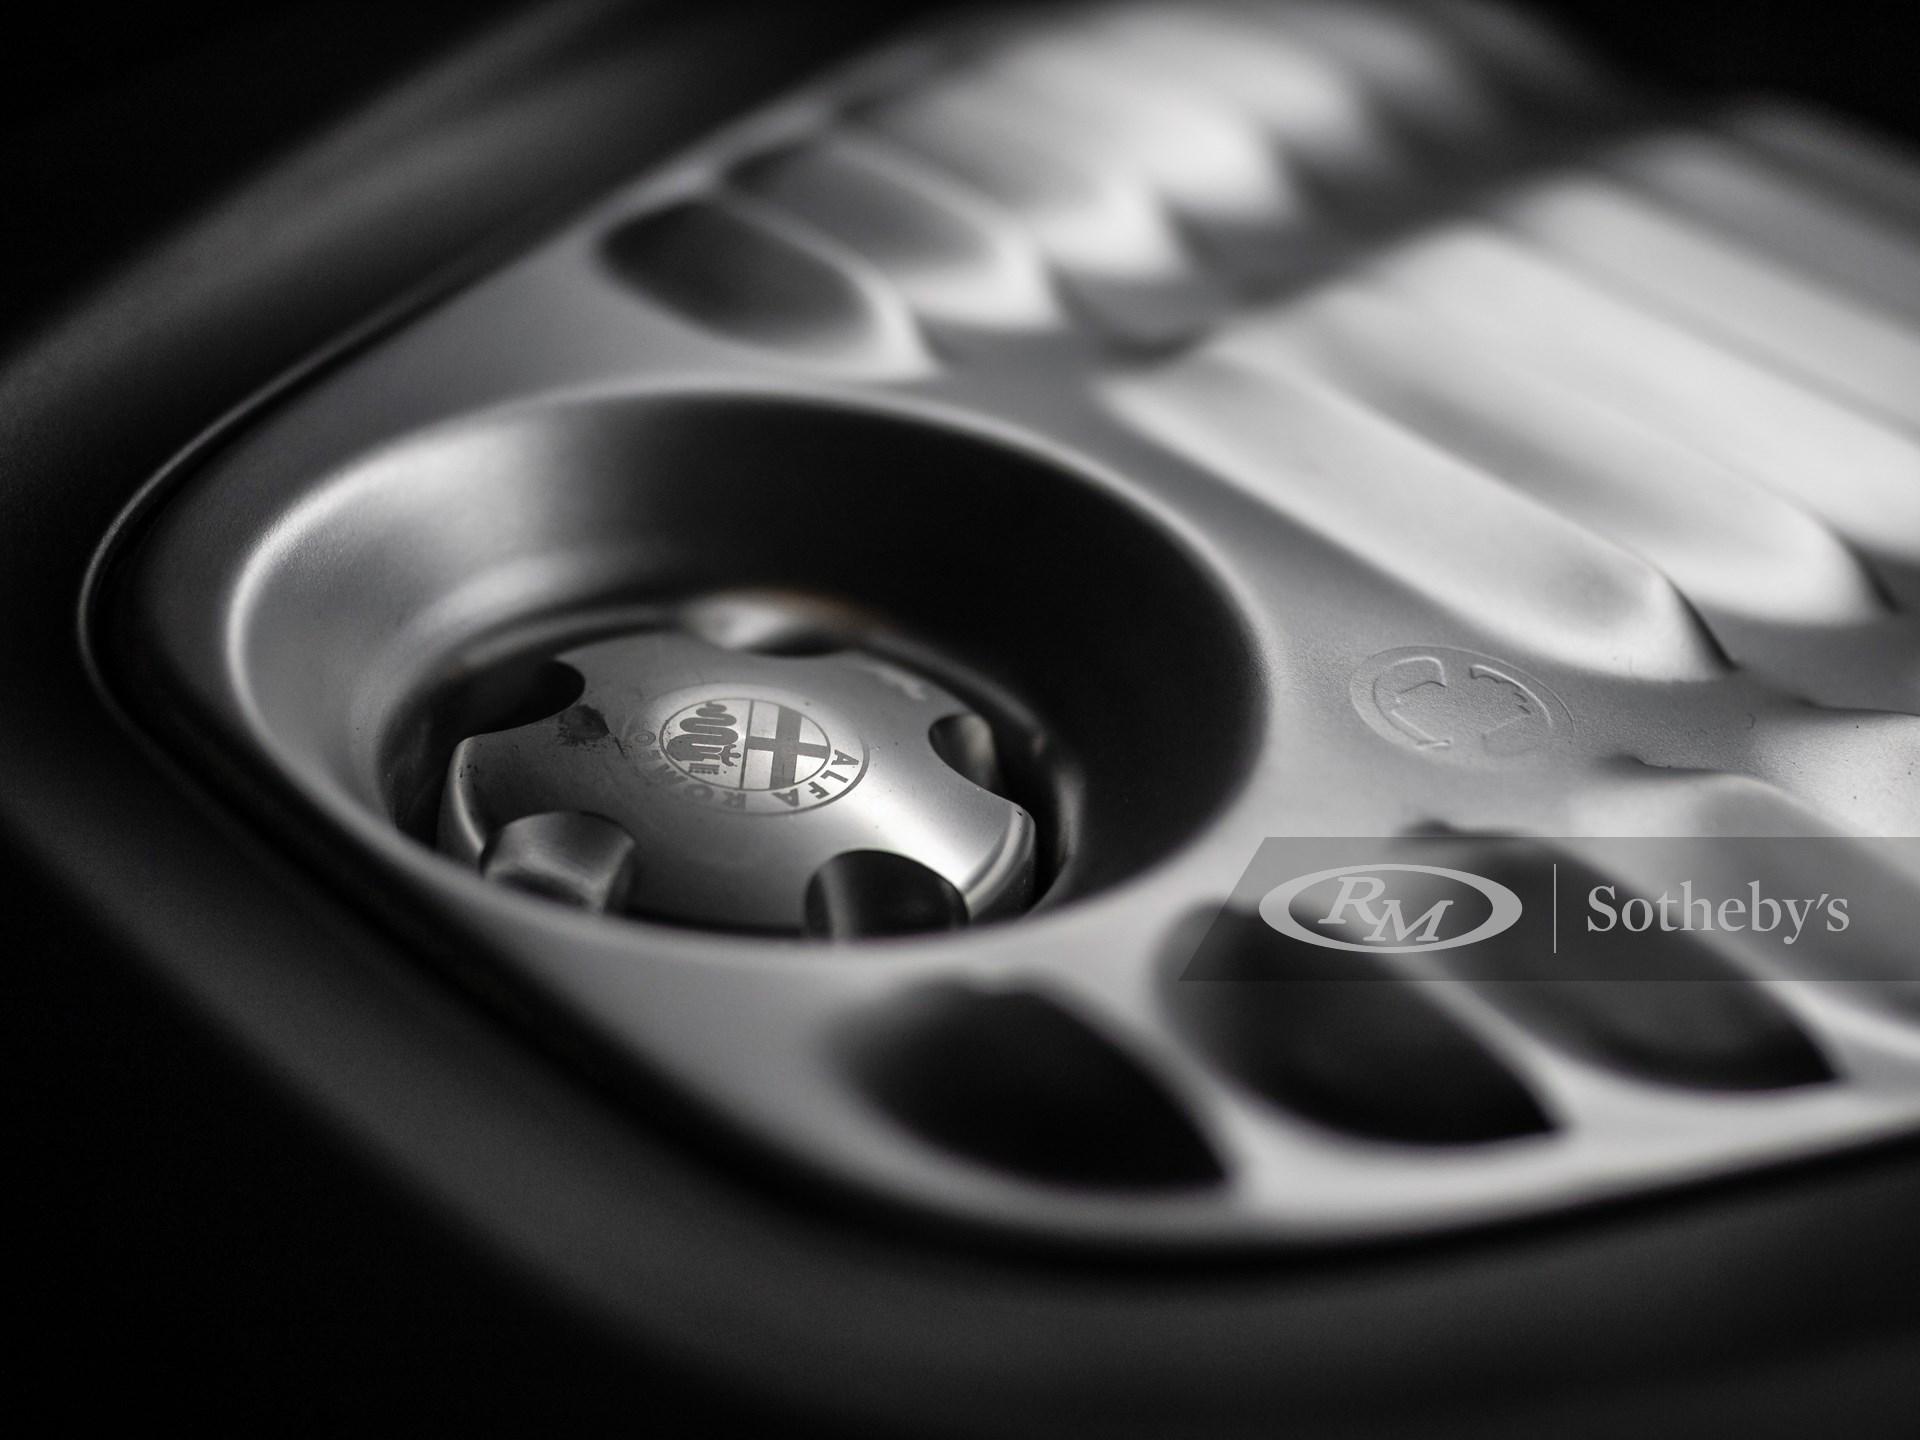 2018 Alfa Romeo Mole Costruzione Artigianale 001  -